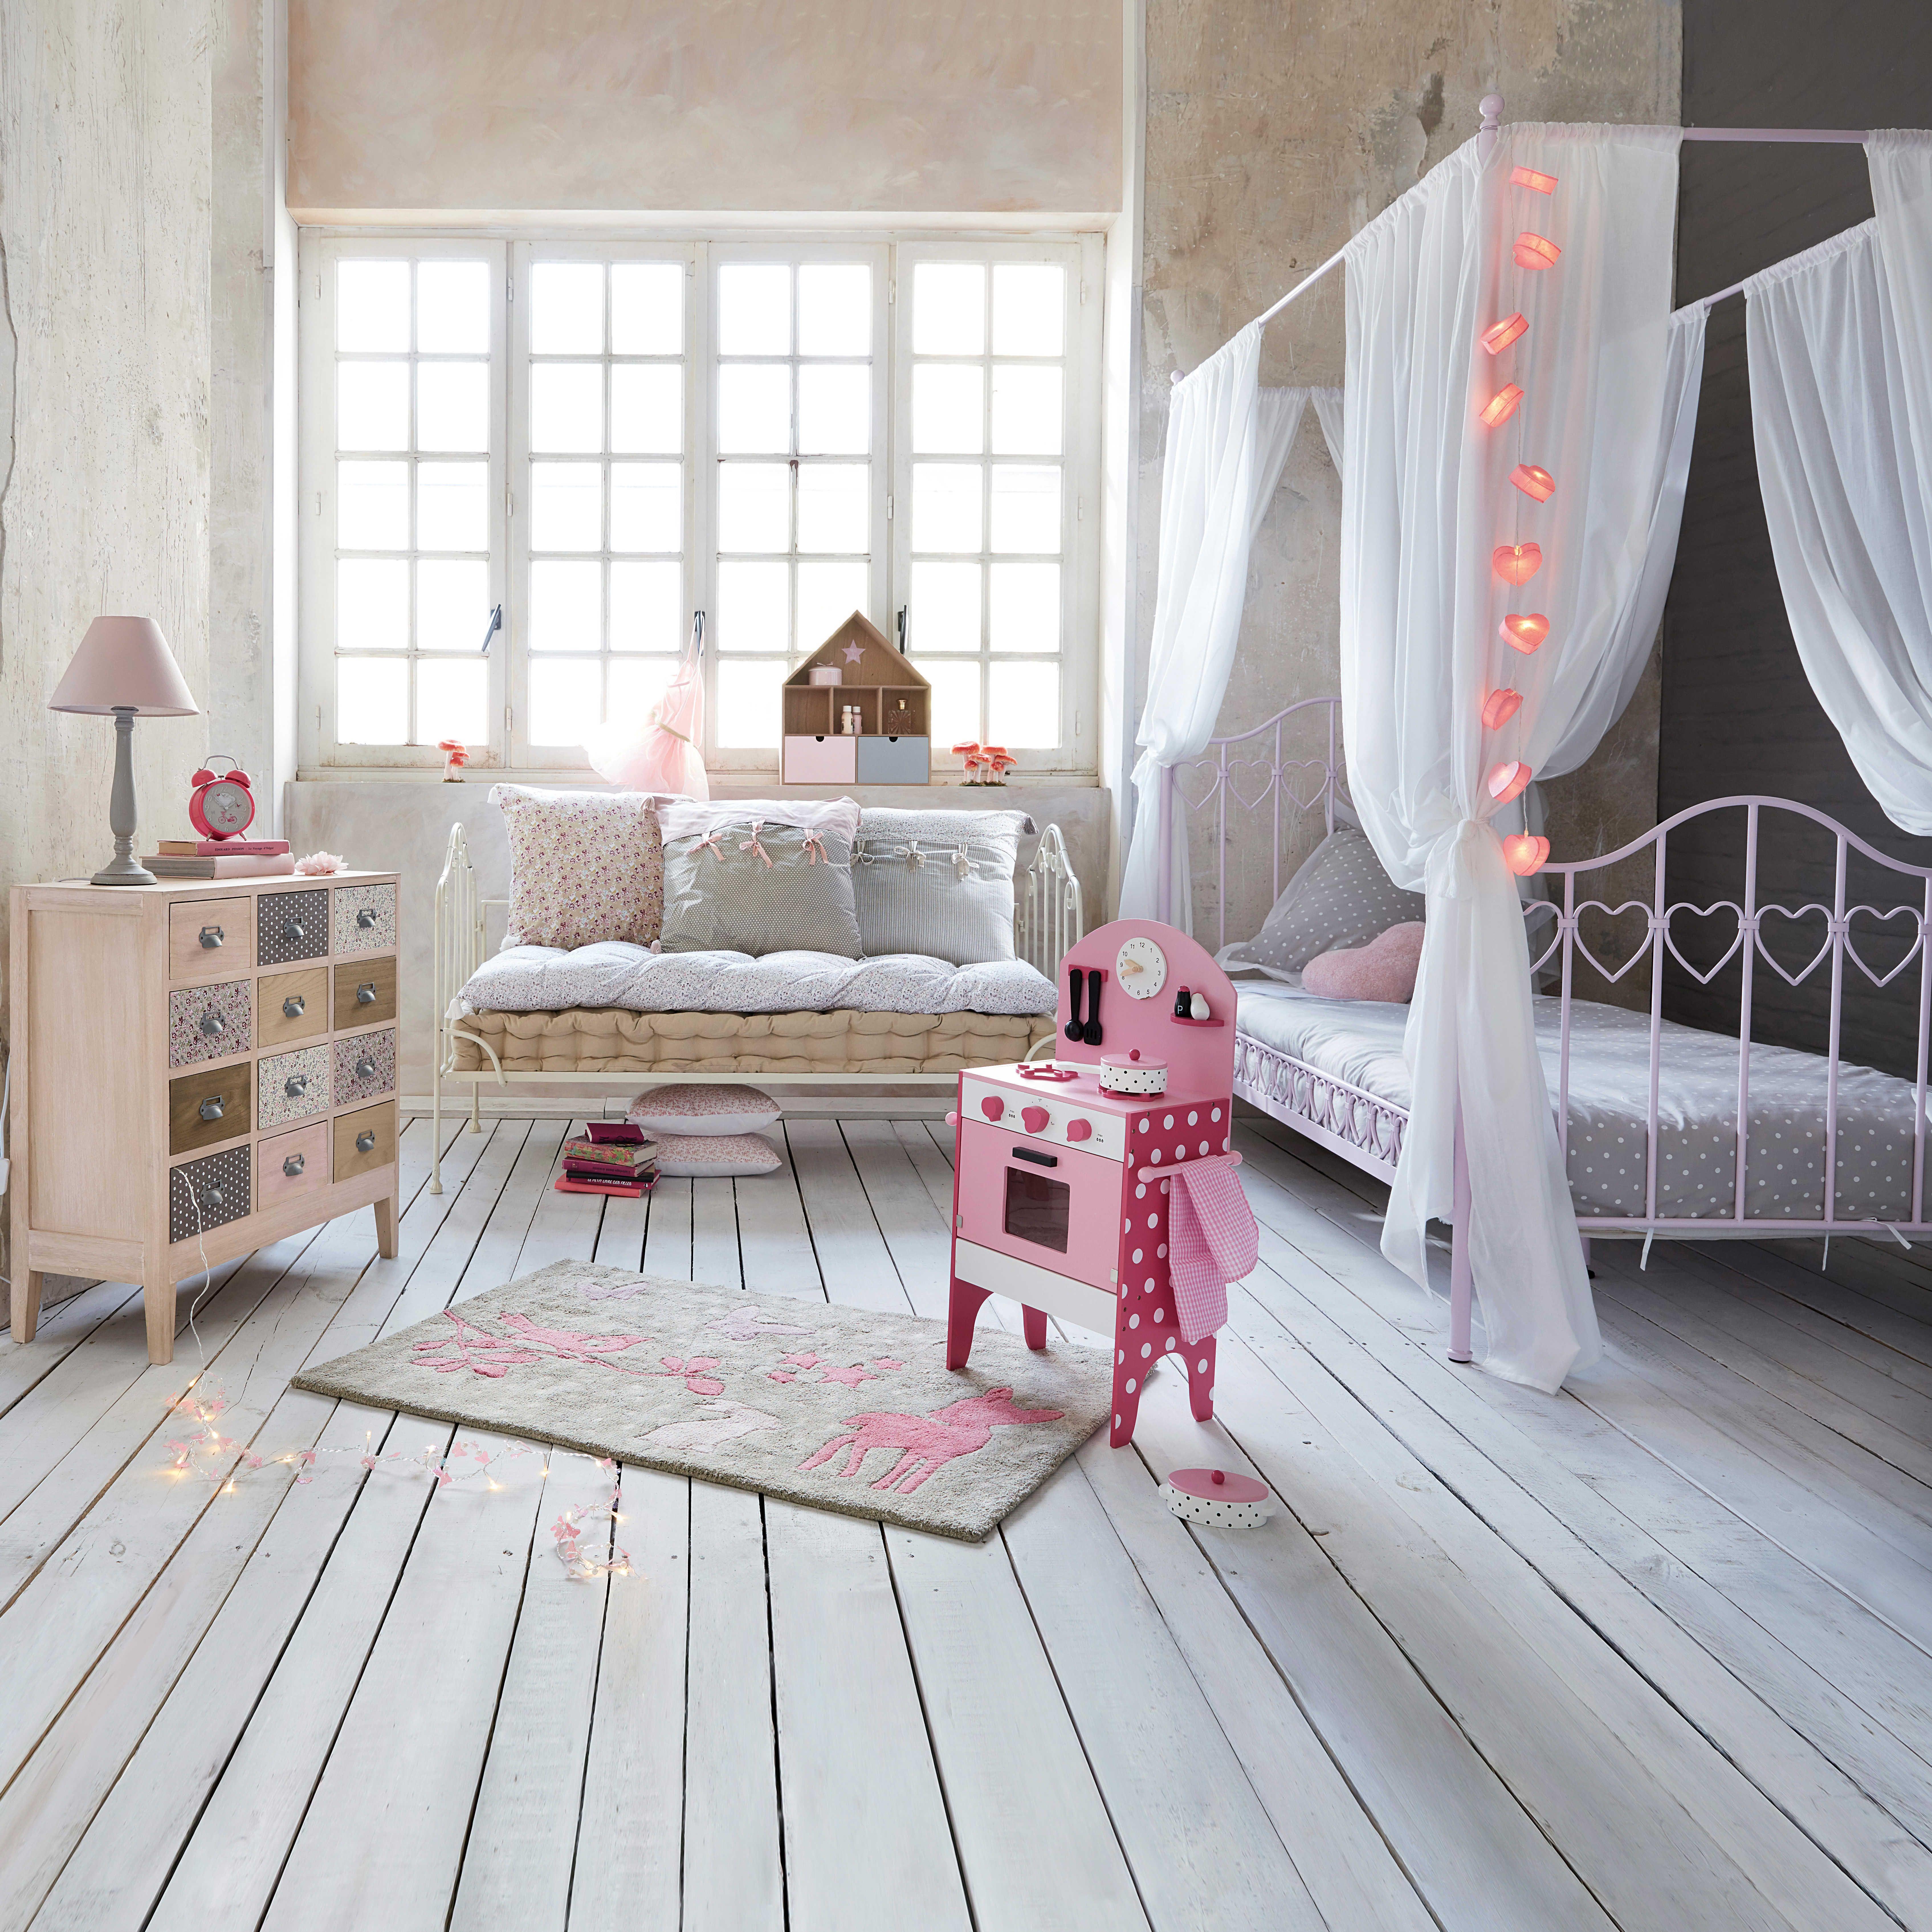 Lit à Baldaquin X En Métal Rose Chambres Fille Pinterest - Lit baldaquin 90 x 190